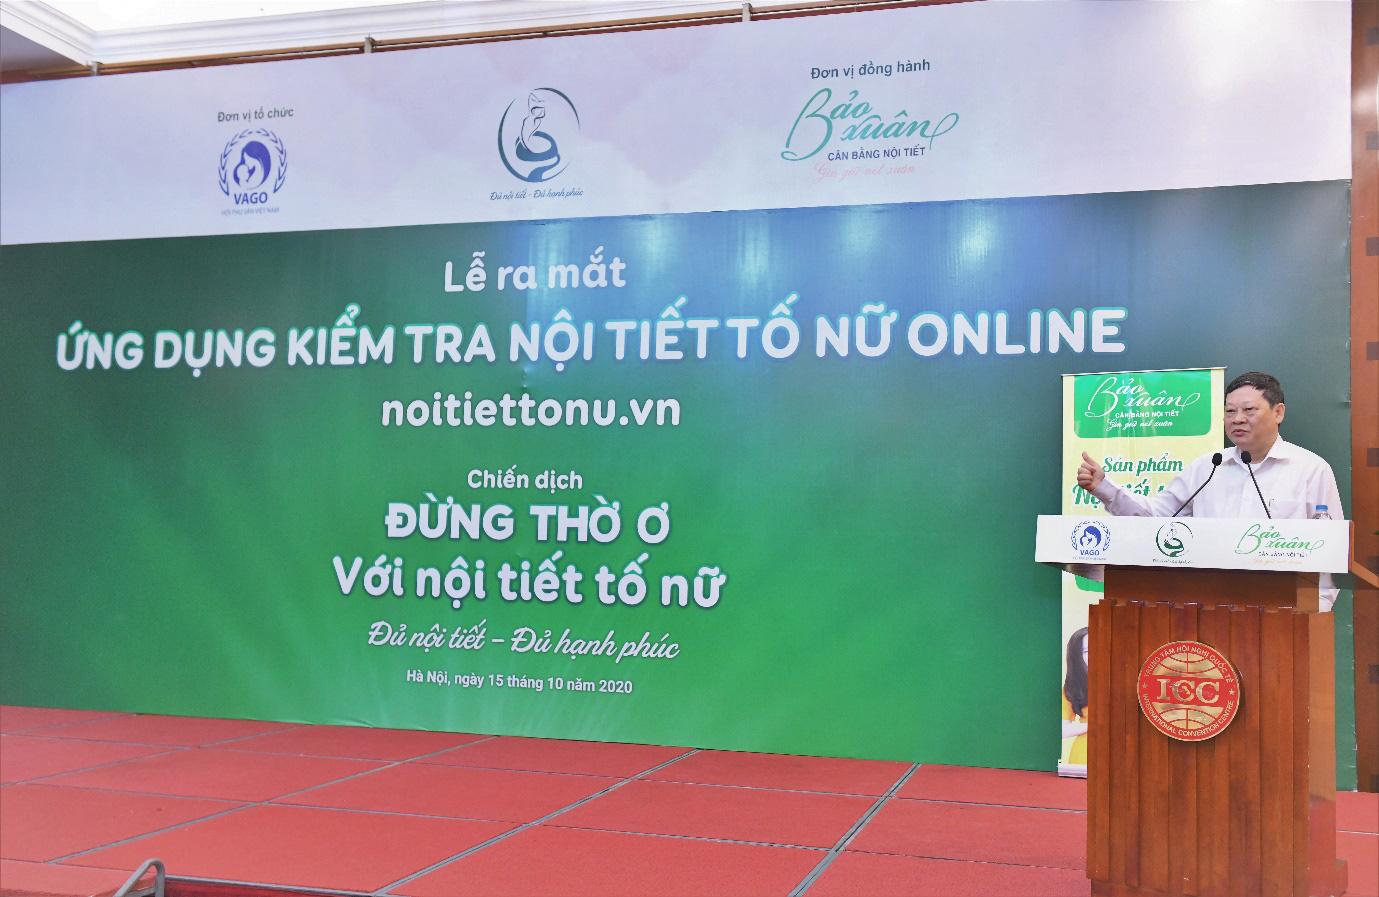 Lần đầu tiên ra mắt ứng dụng kiểm tra nội tiết tố nữ tại Việt Nam - Ảnh 1.